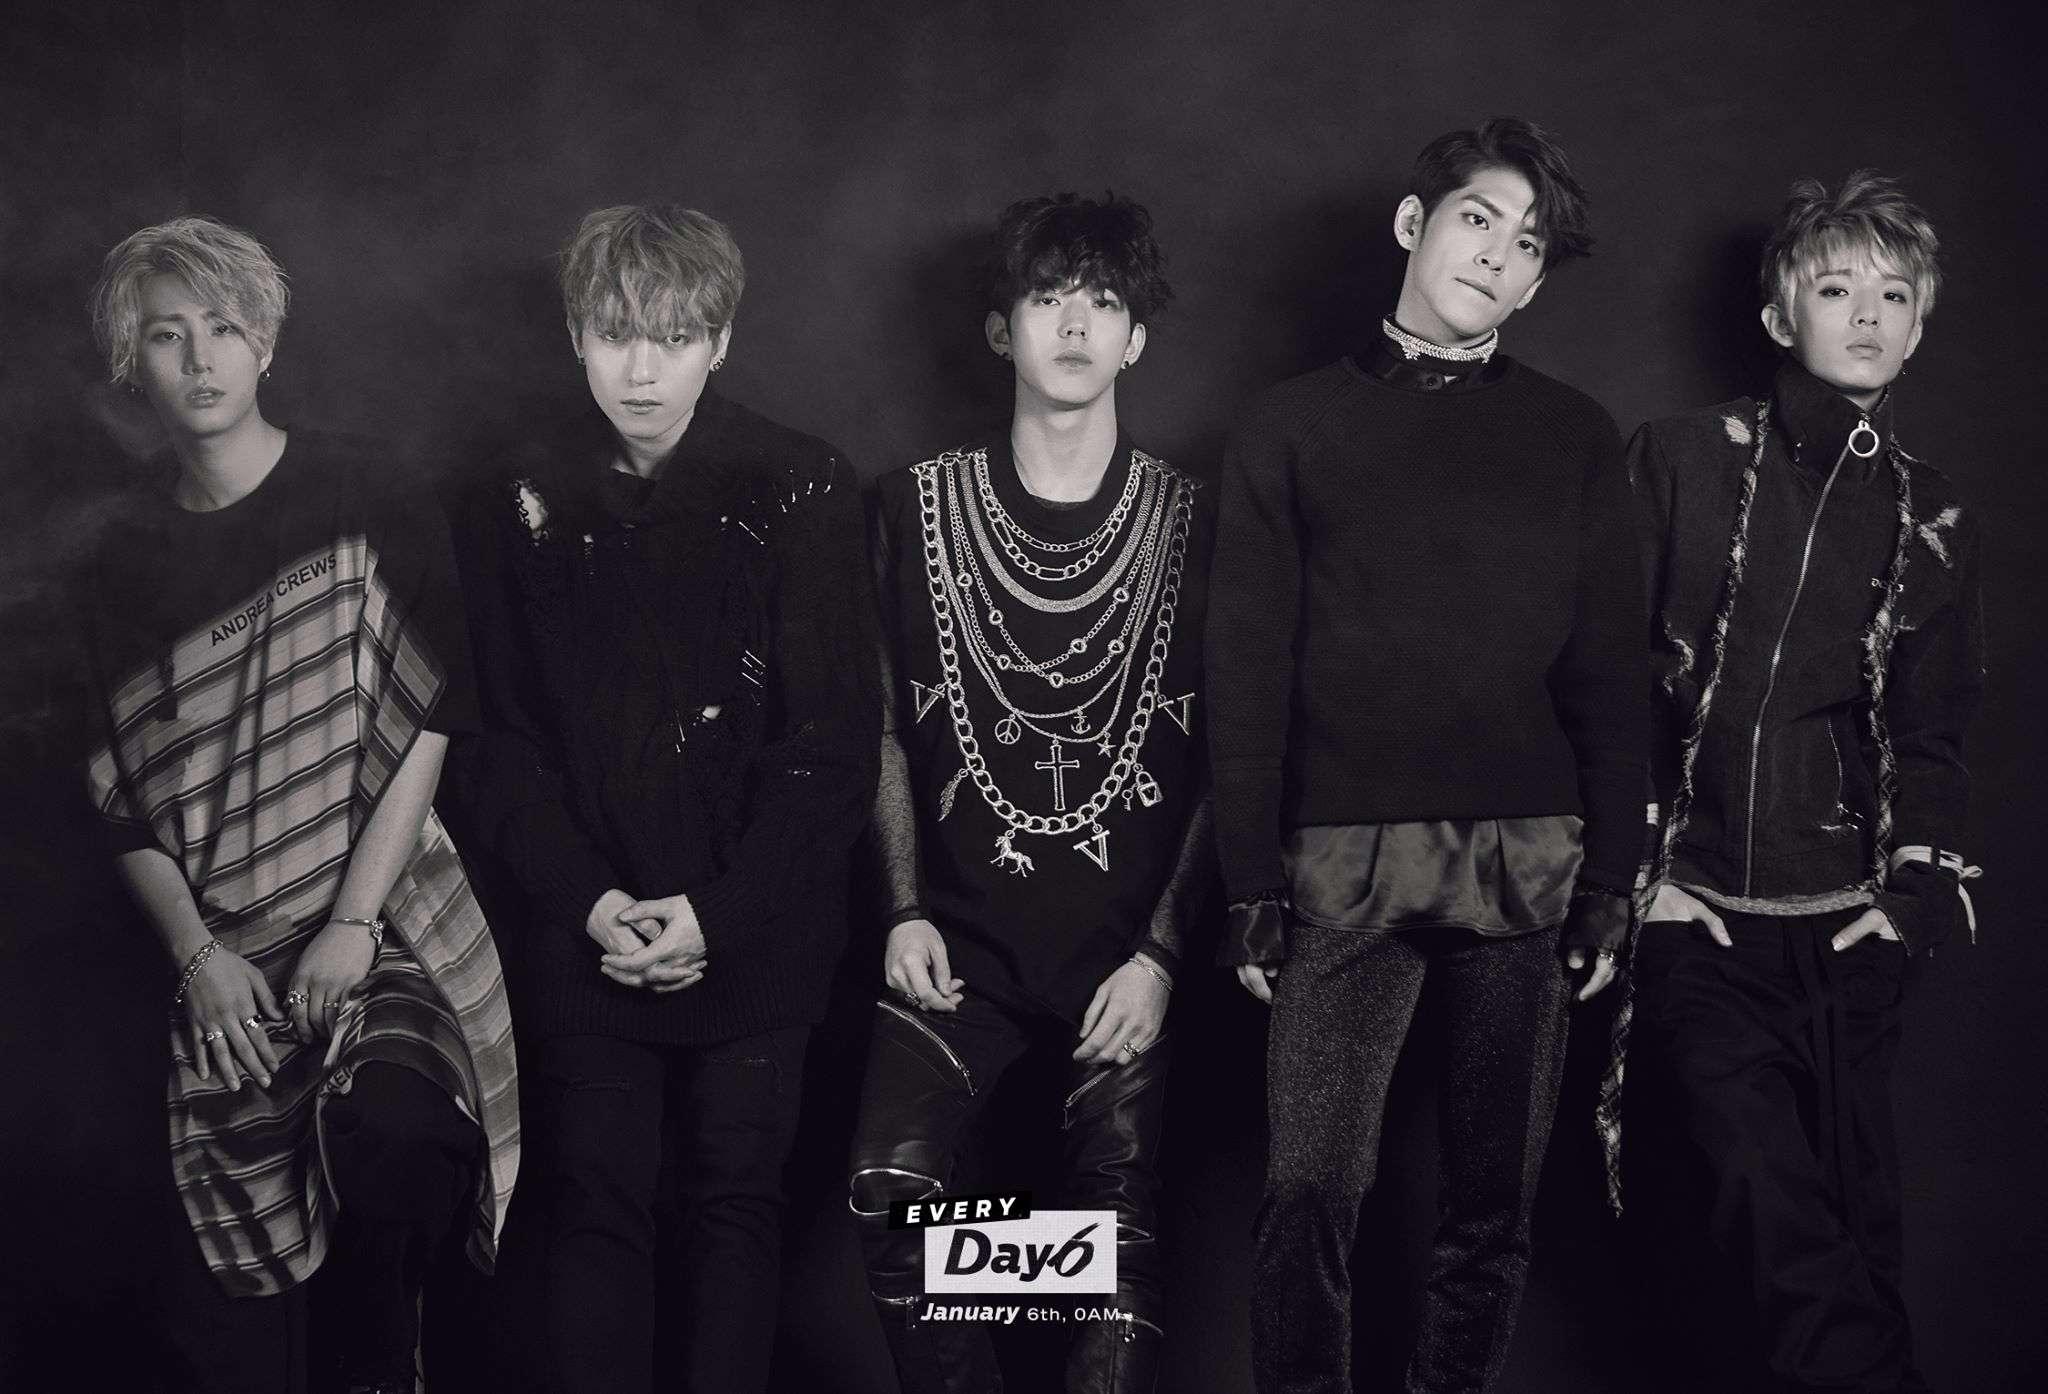 就是DAY6 JYP旗下唯一的樂團 2015年9月7日出道 出道至今快兩年 其實還比TWICE早出道 但粉絲們很感嘆公司不好好的推DAY6 無法像TWICE一樣粉絲多,大眾認知度也非常高 很可惜!!!